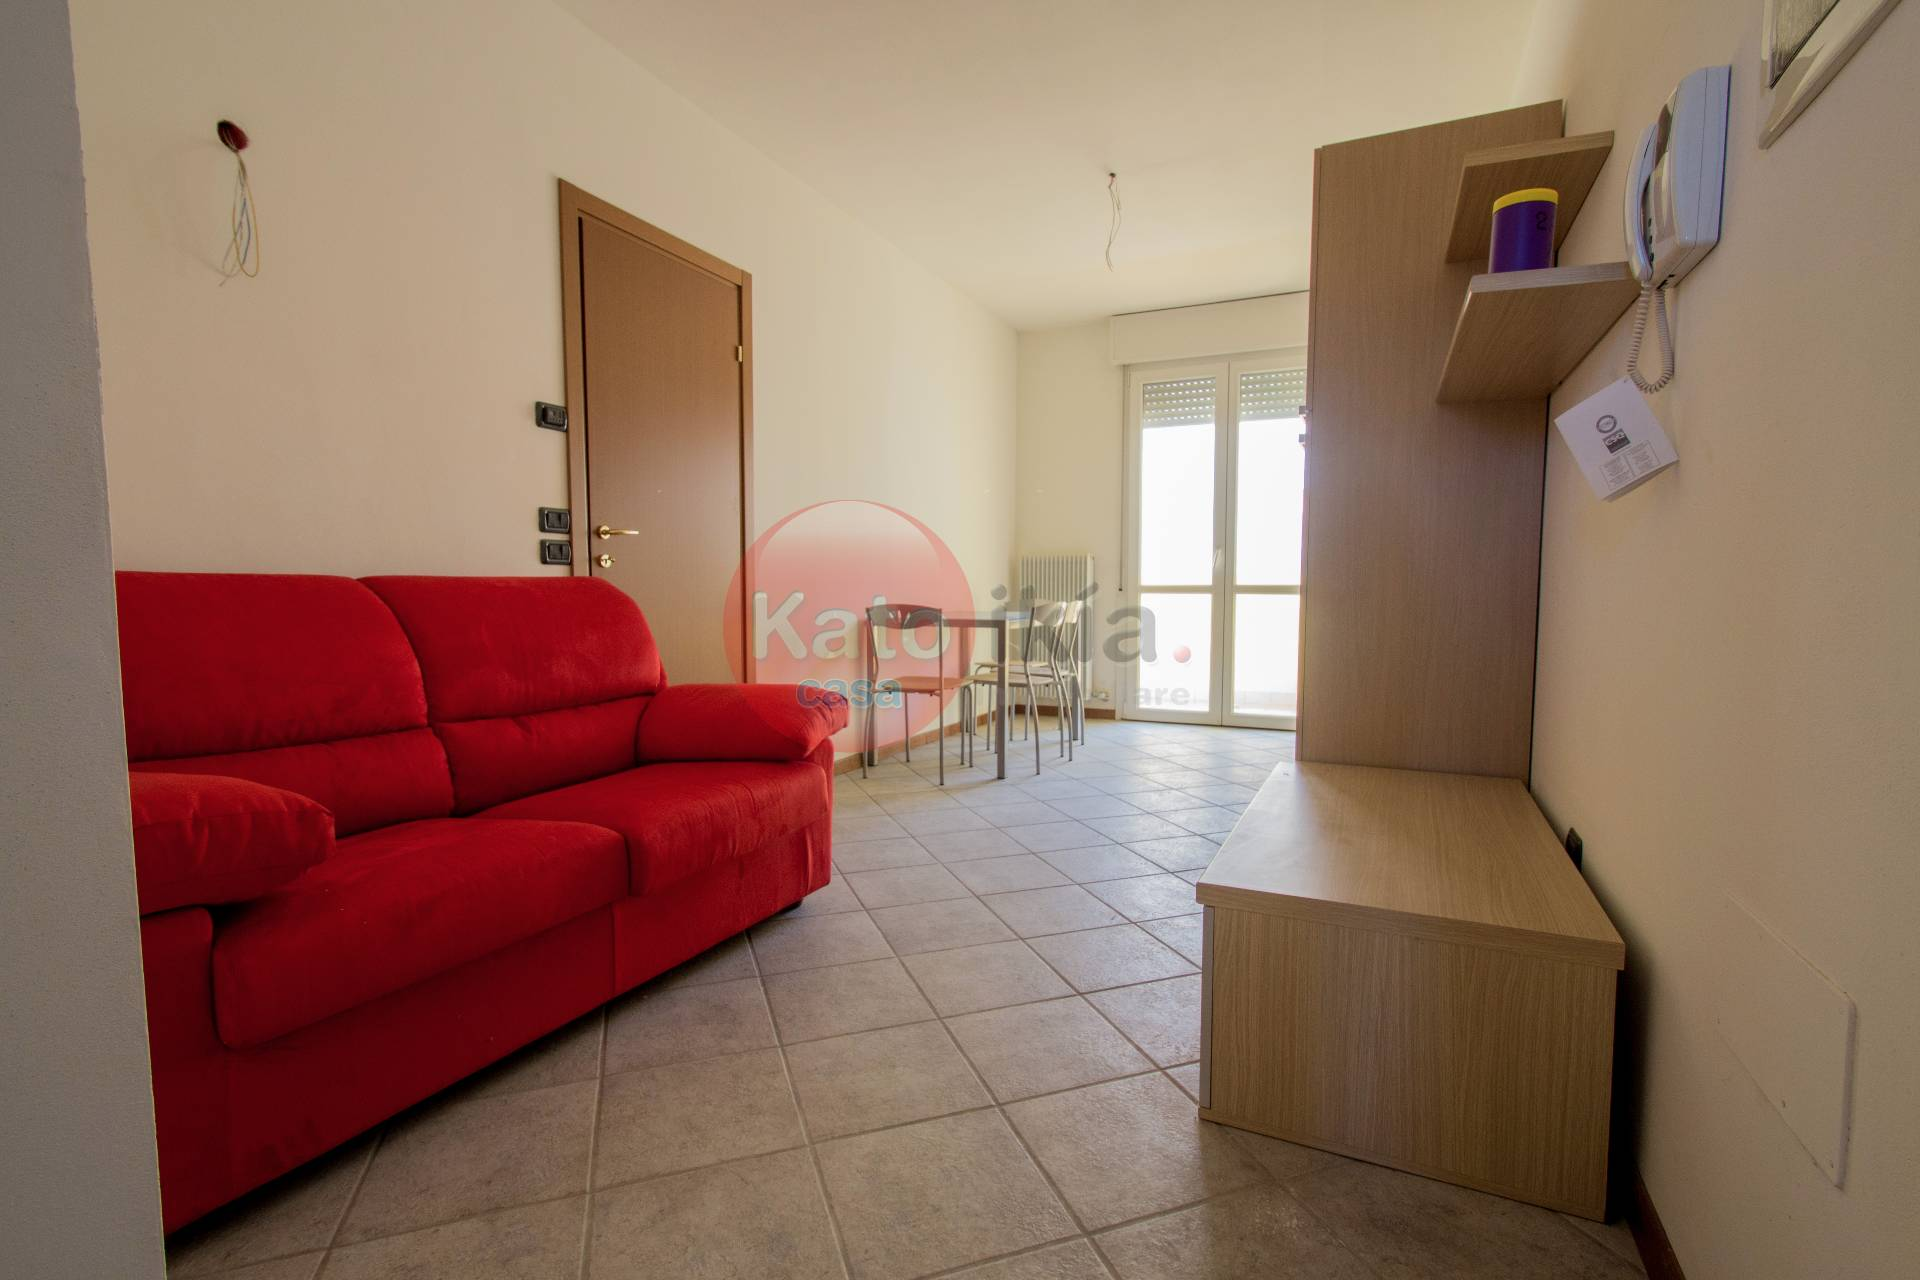 Appartamento in vendita a Costabissara, 2 locali, zona Zona: Motta, prezzo € 59.000 | CambioCasa.it